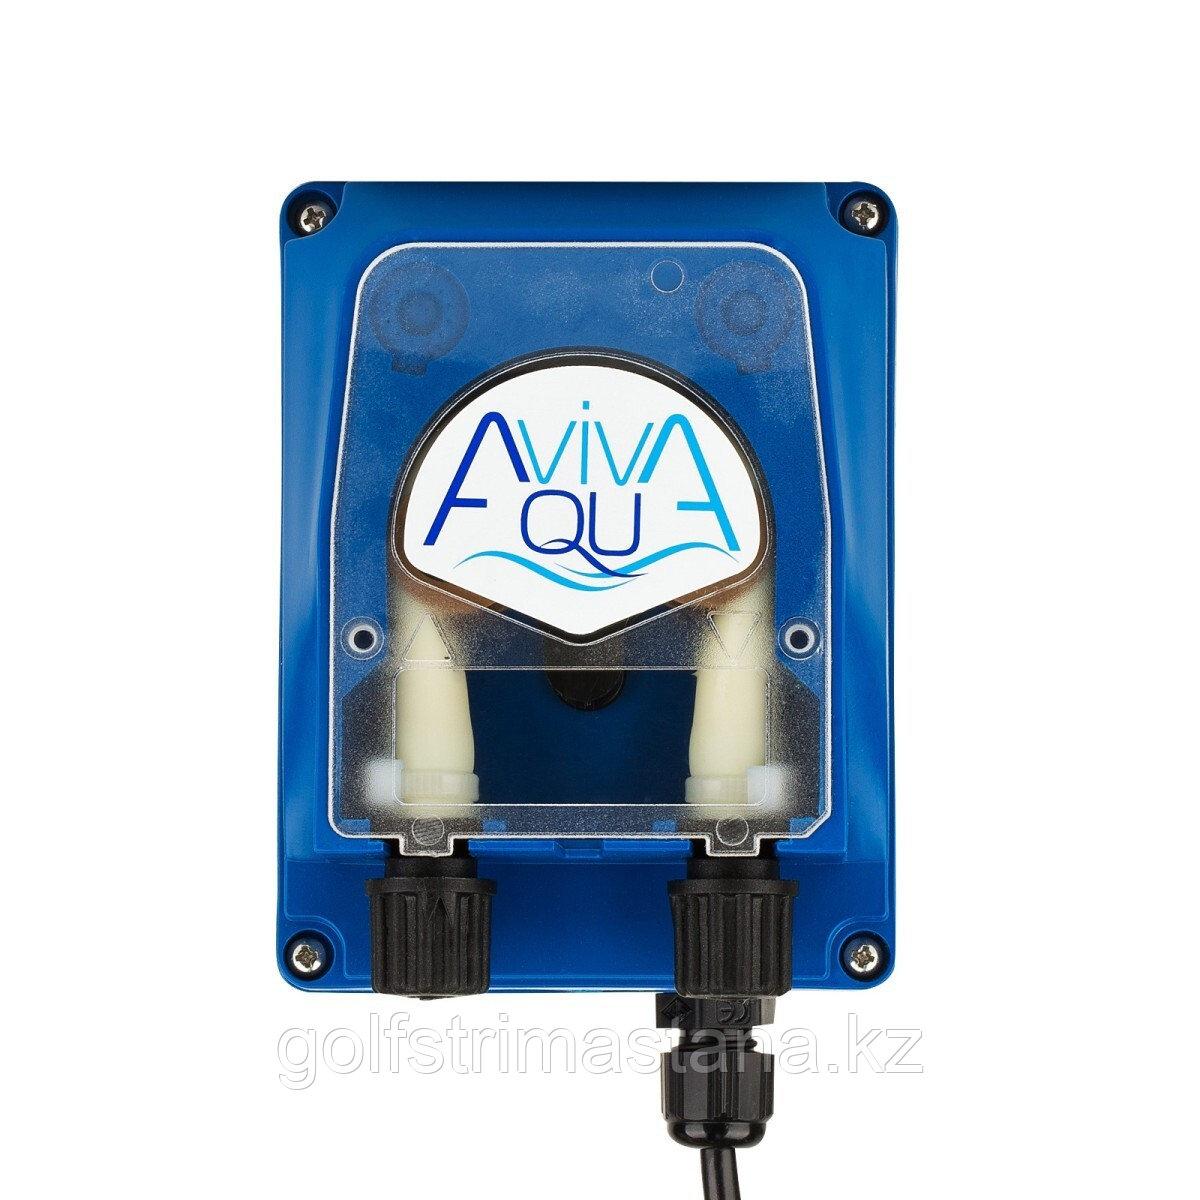 Перистальтический дозирующий насос AquaViva PPR0004A1283_A универсальный / 1,5-4 л/ч с ручн. регулир.